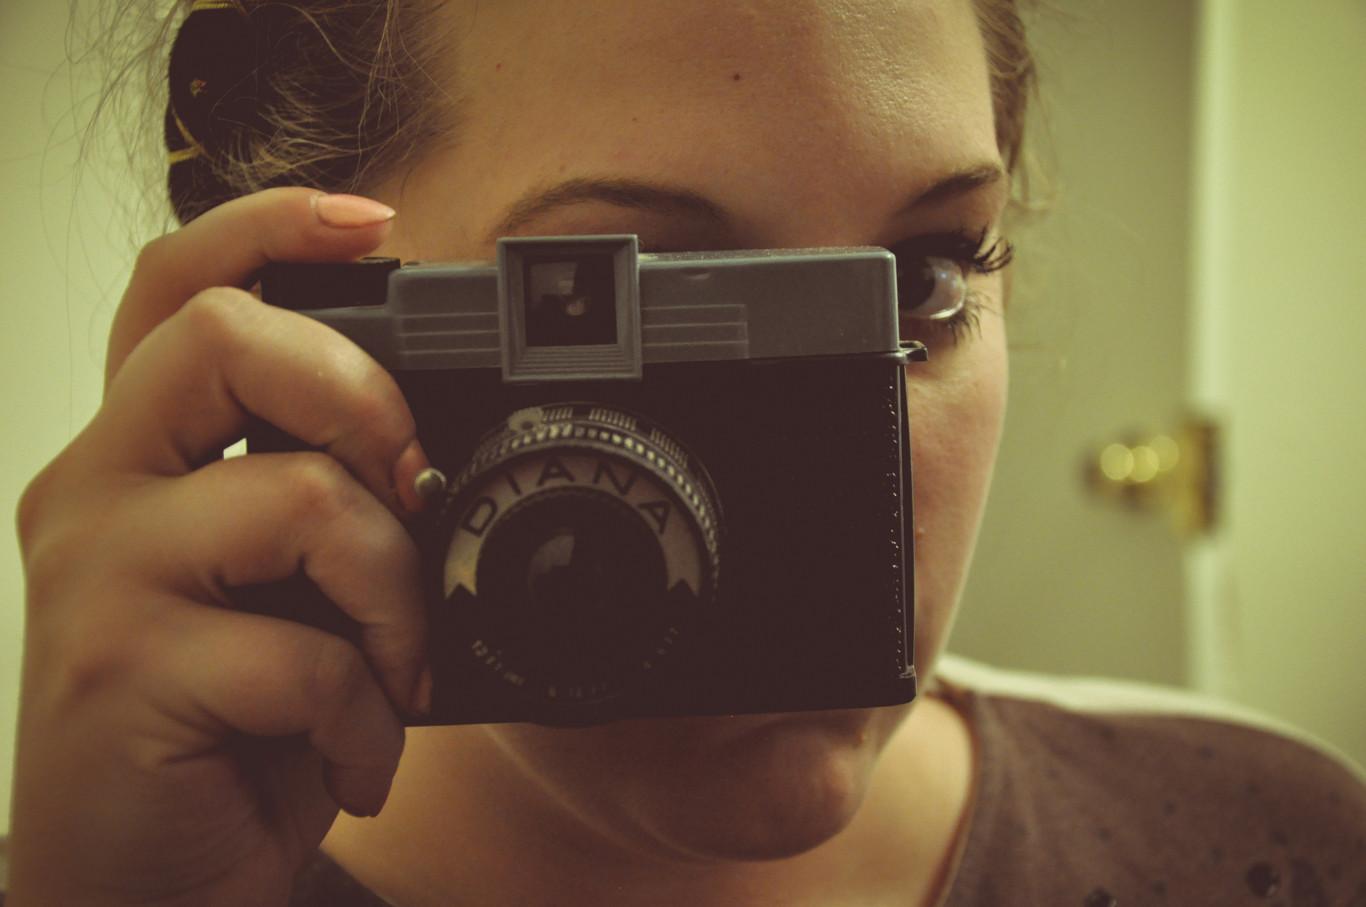 Físico o virtual. ¿Cuál es el valor de la fotografía contemporánea?